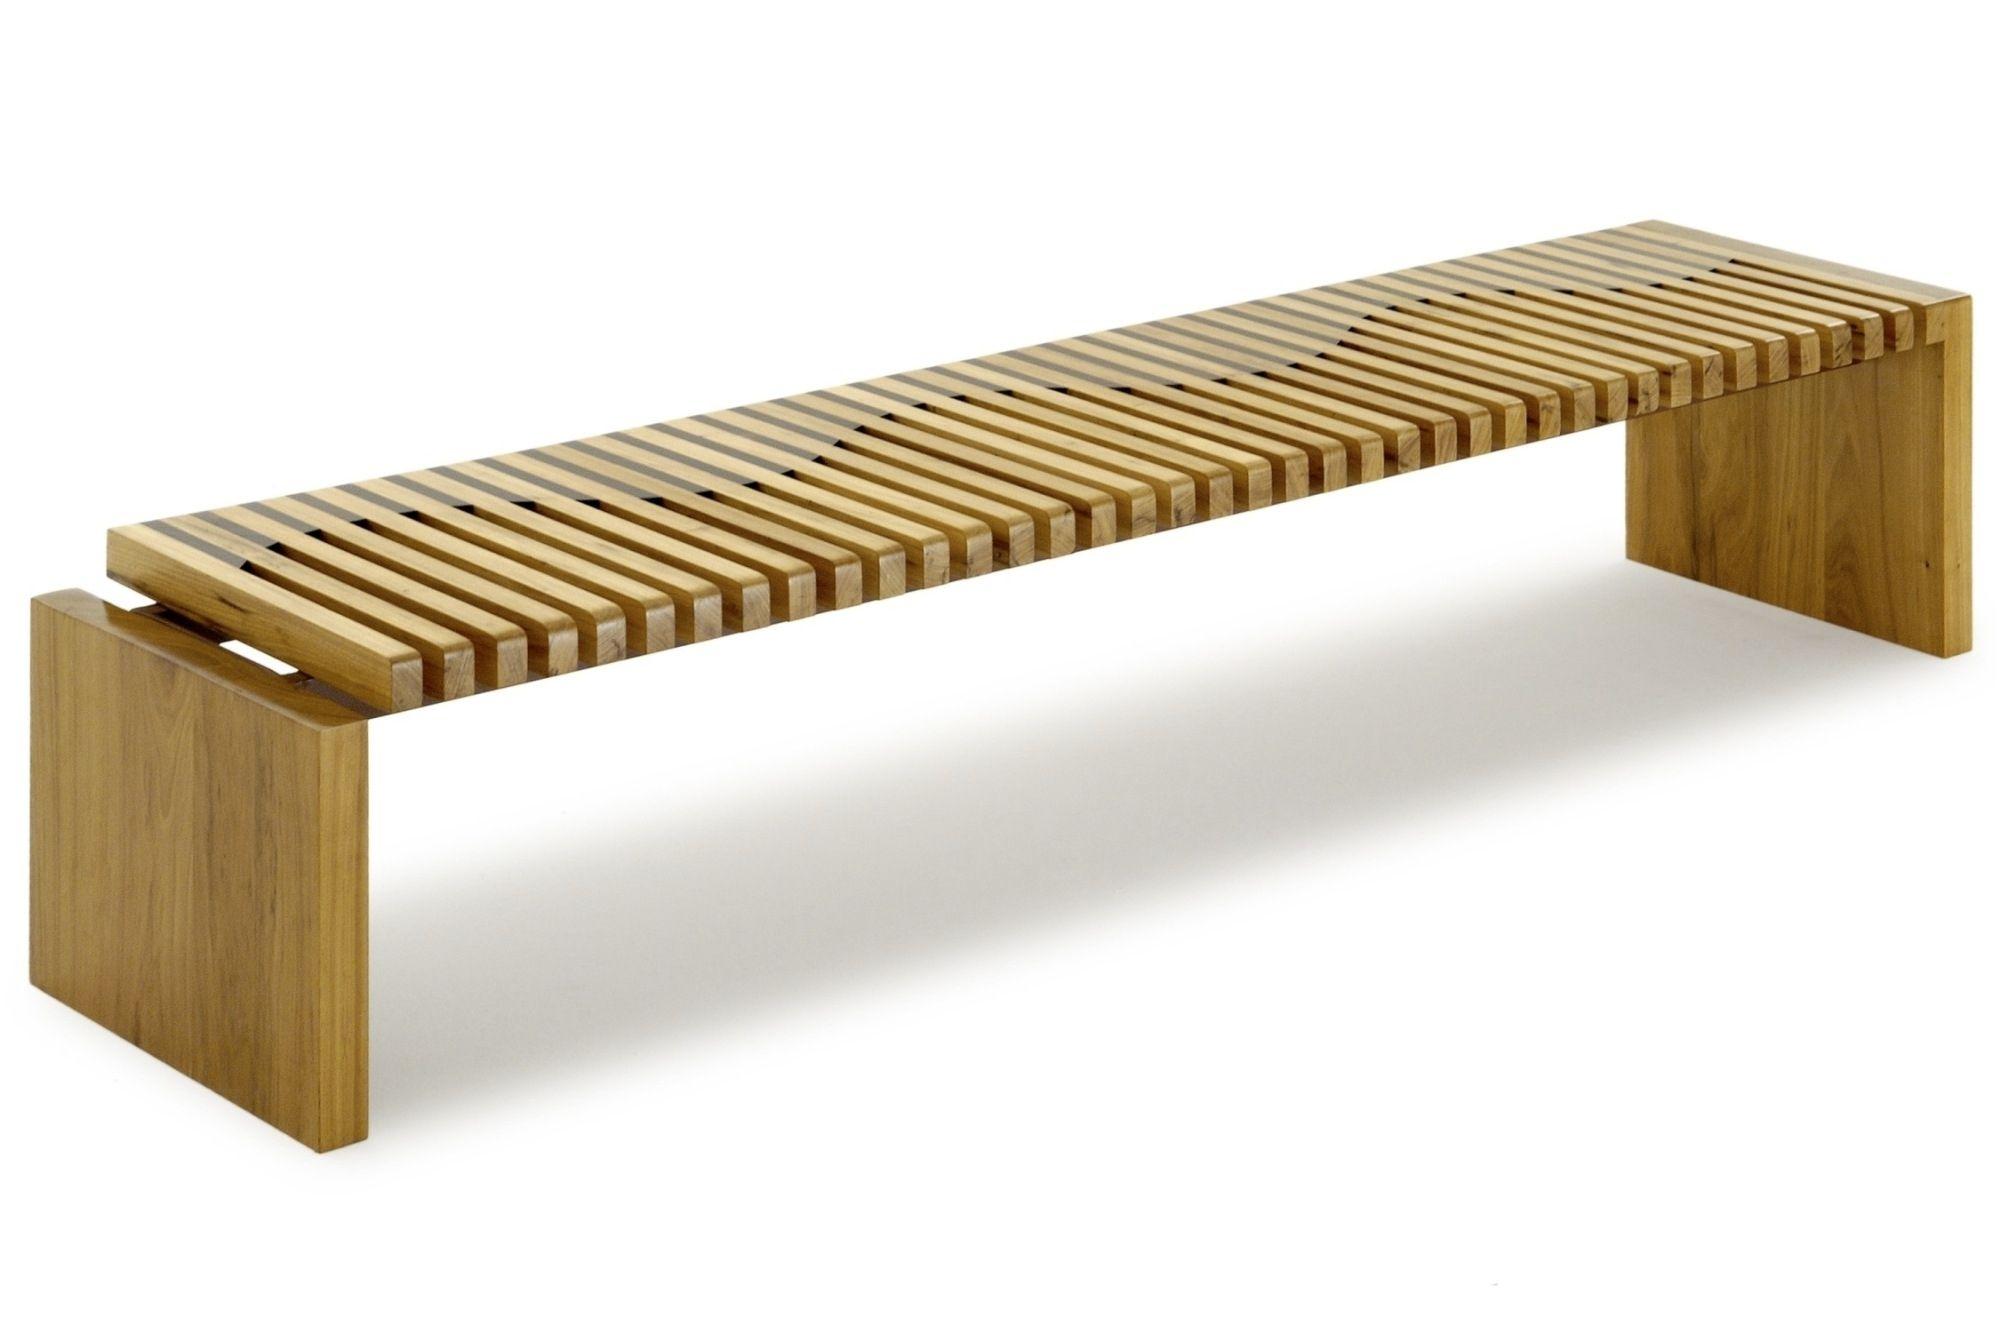 Banc contemporain / en bois / de récupération - ONDA - Rotsen Furniture